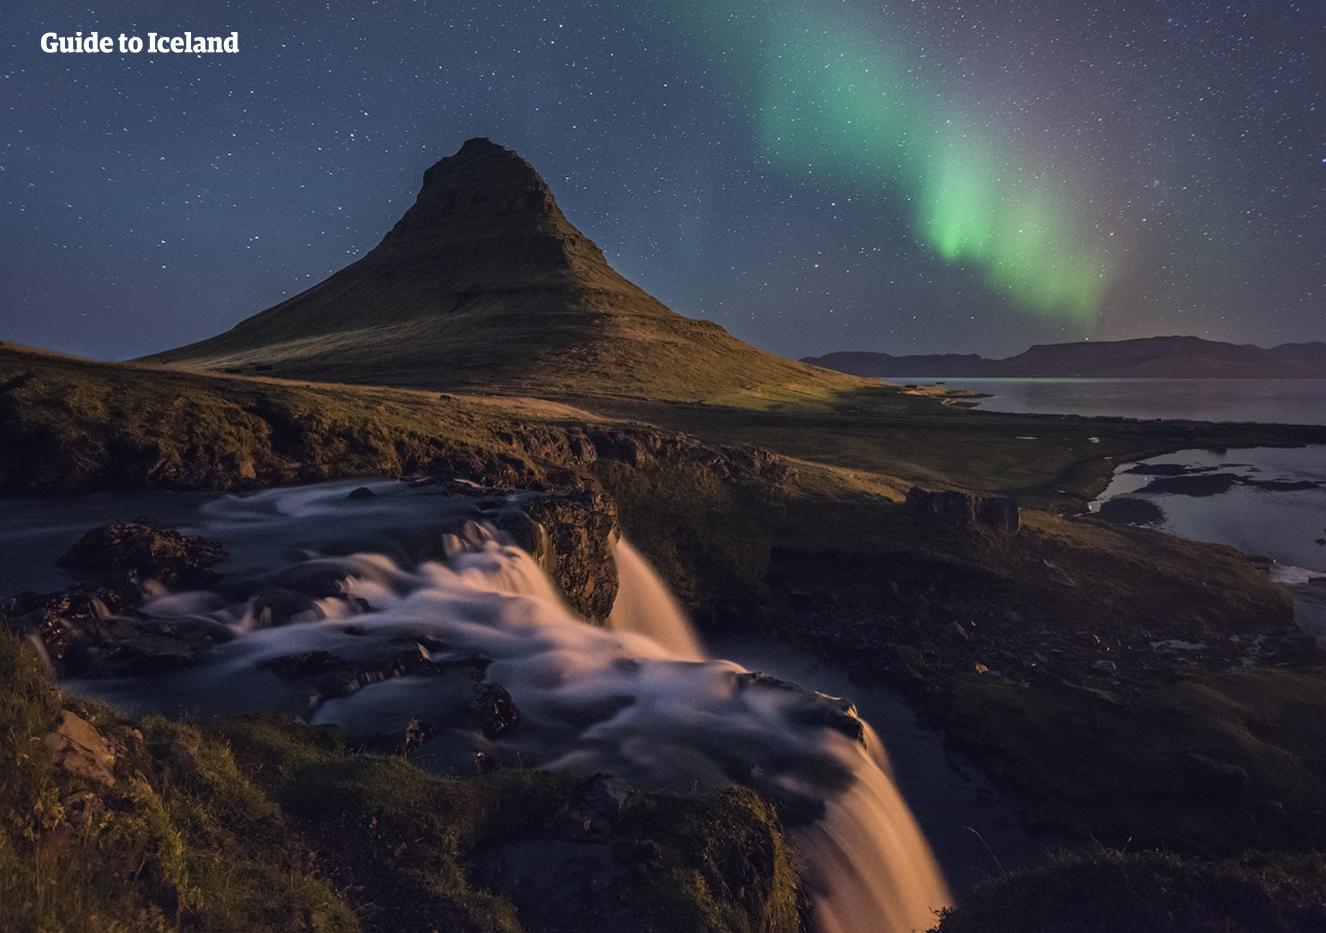 피라미드나 화살촉처럼 뾰족한 서부 아이슬란드의 아름다운 키르큐펠 산.